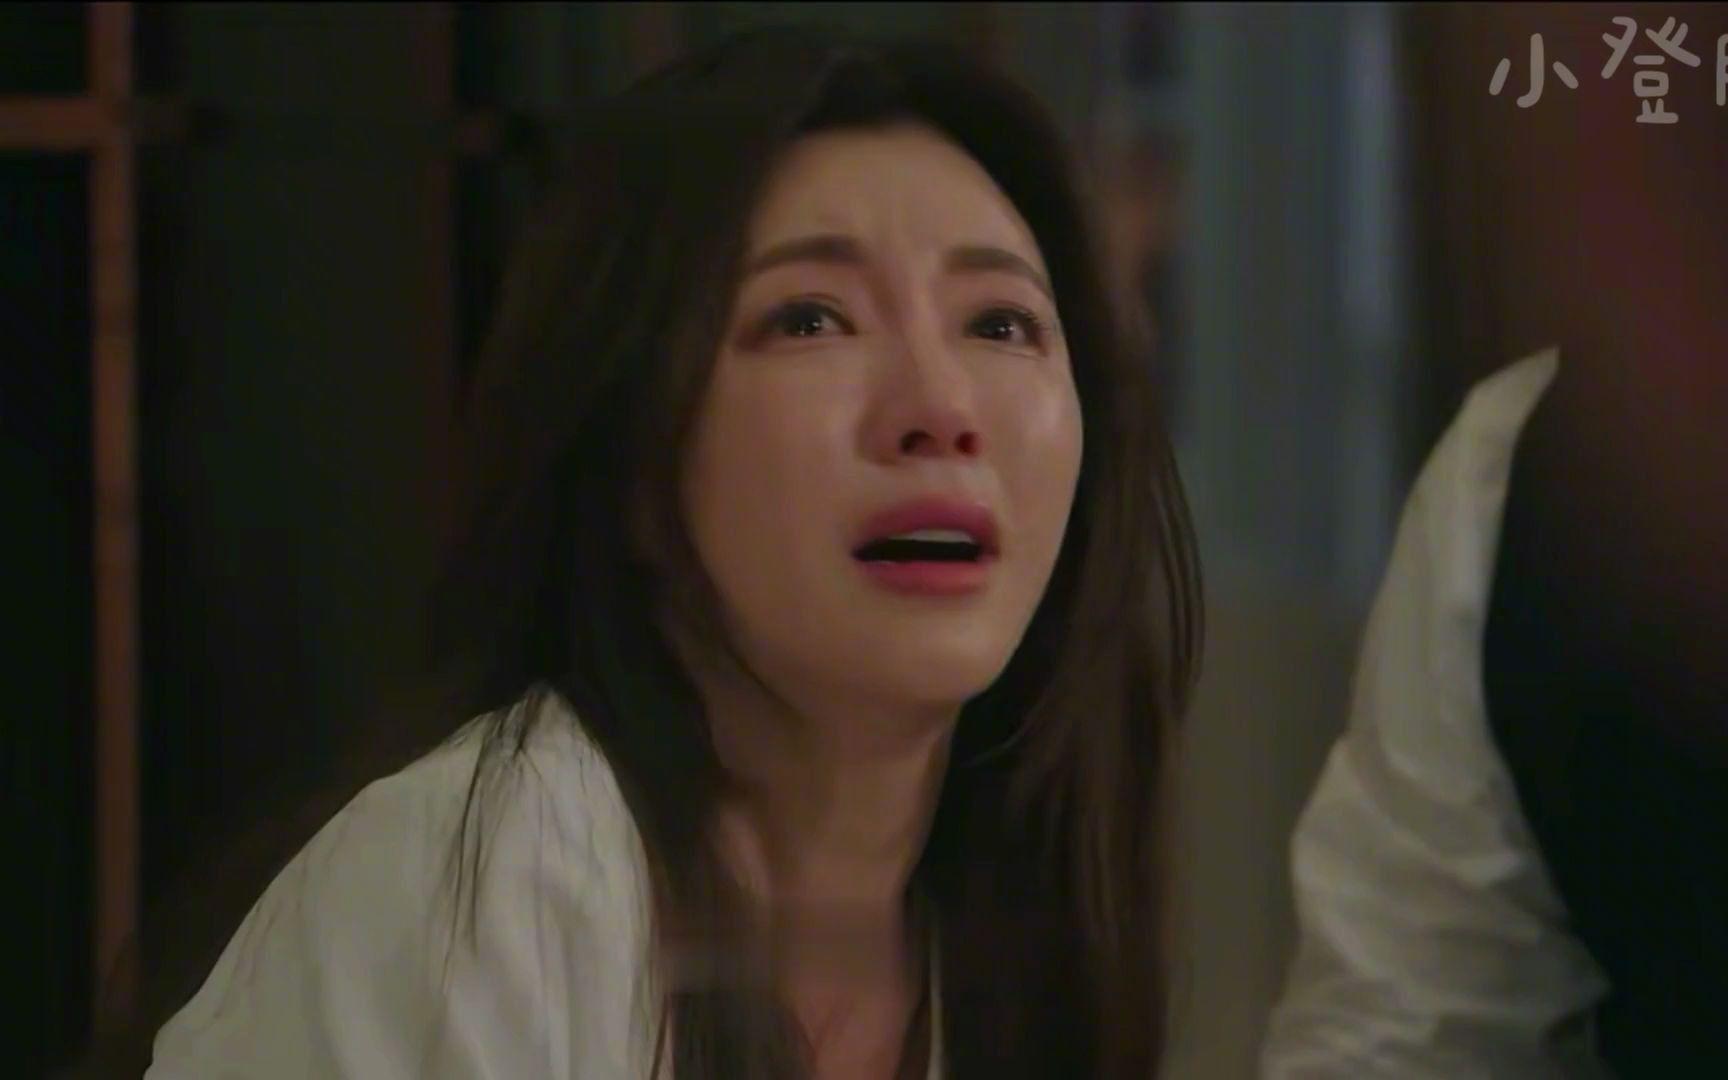 韩版掌中之物:霸总对妻子爱是真的,家暴也是真的,为她和父亲反目